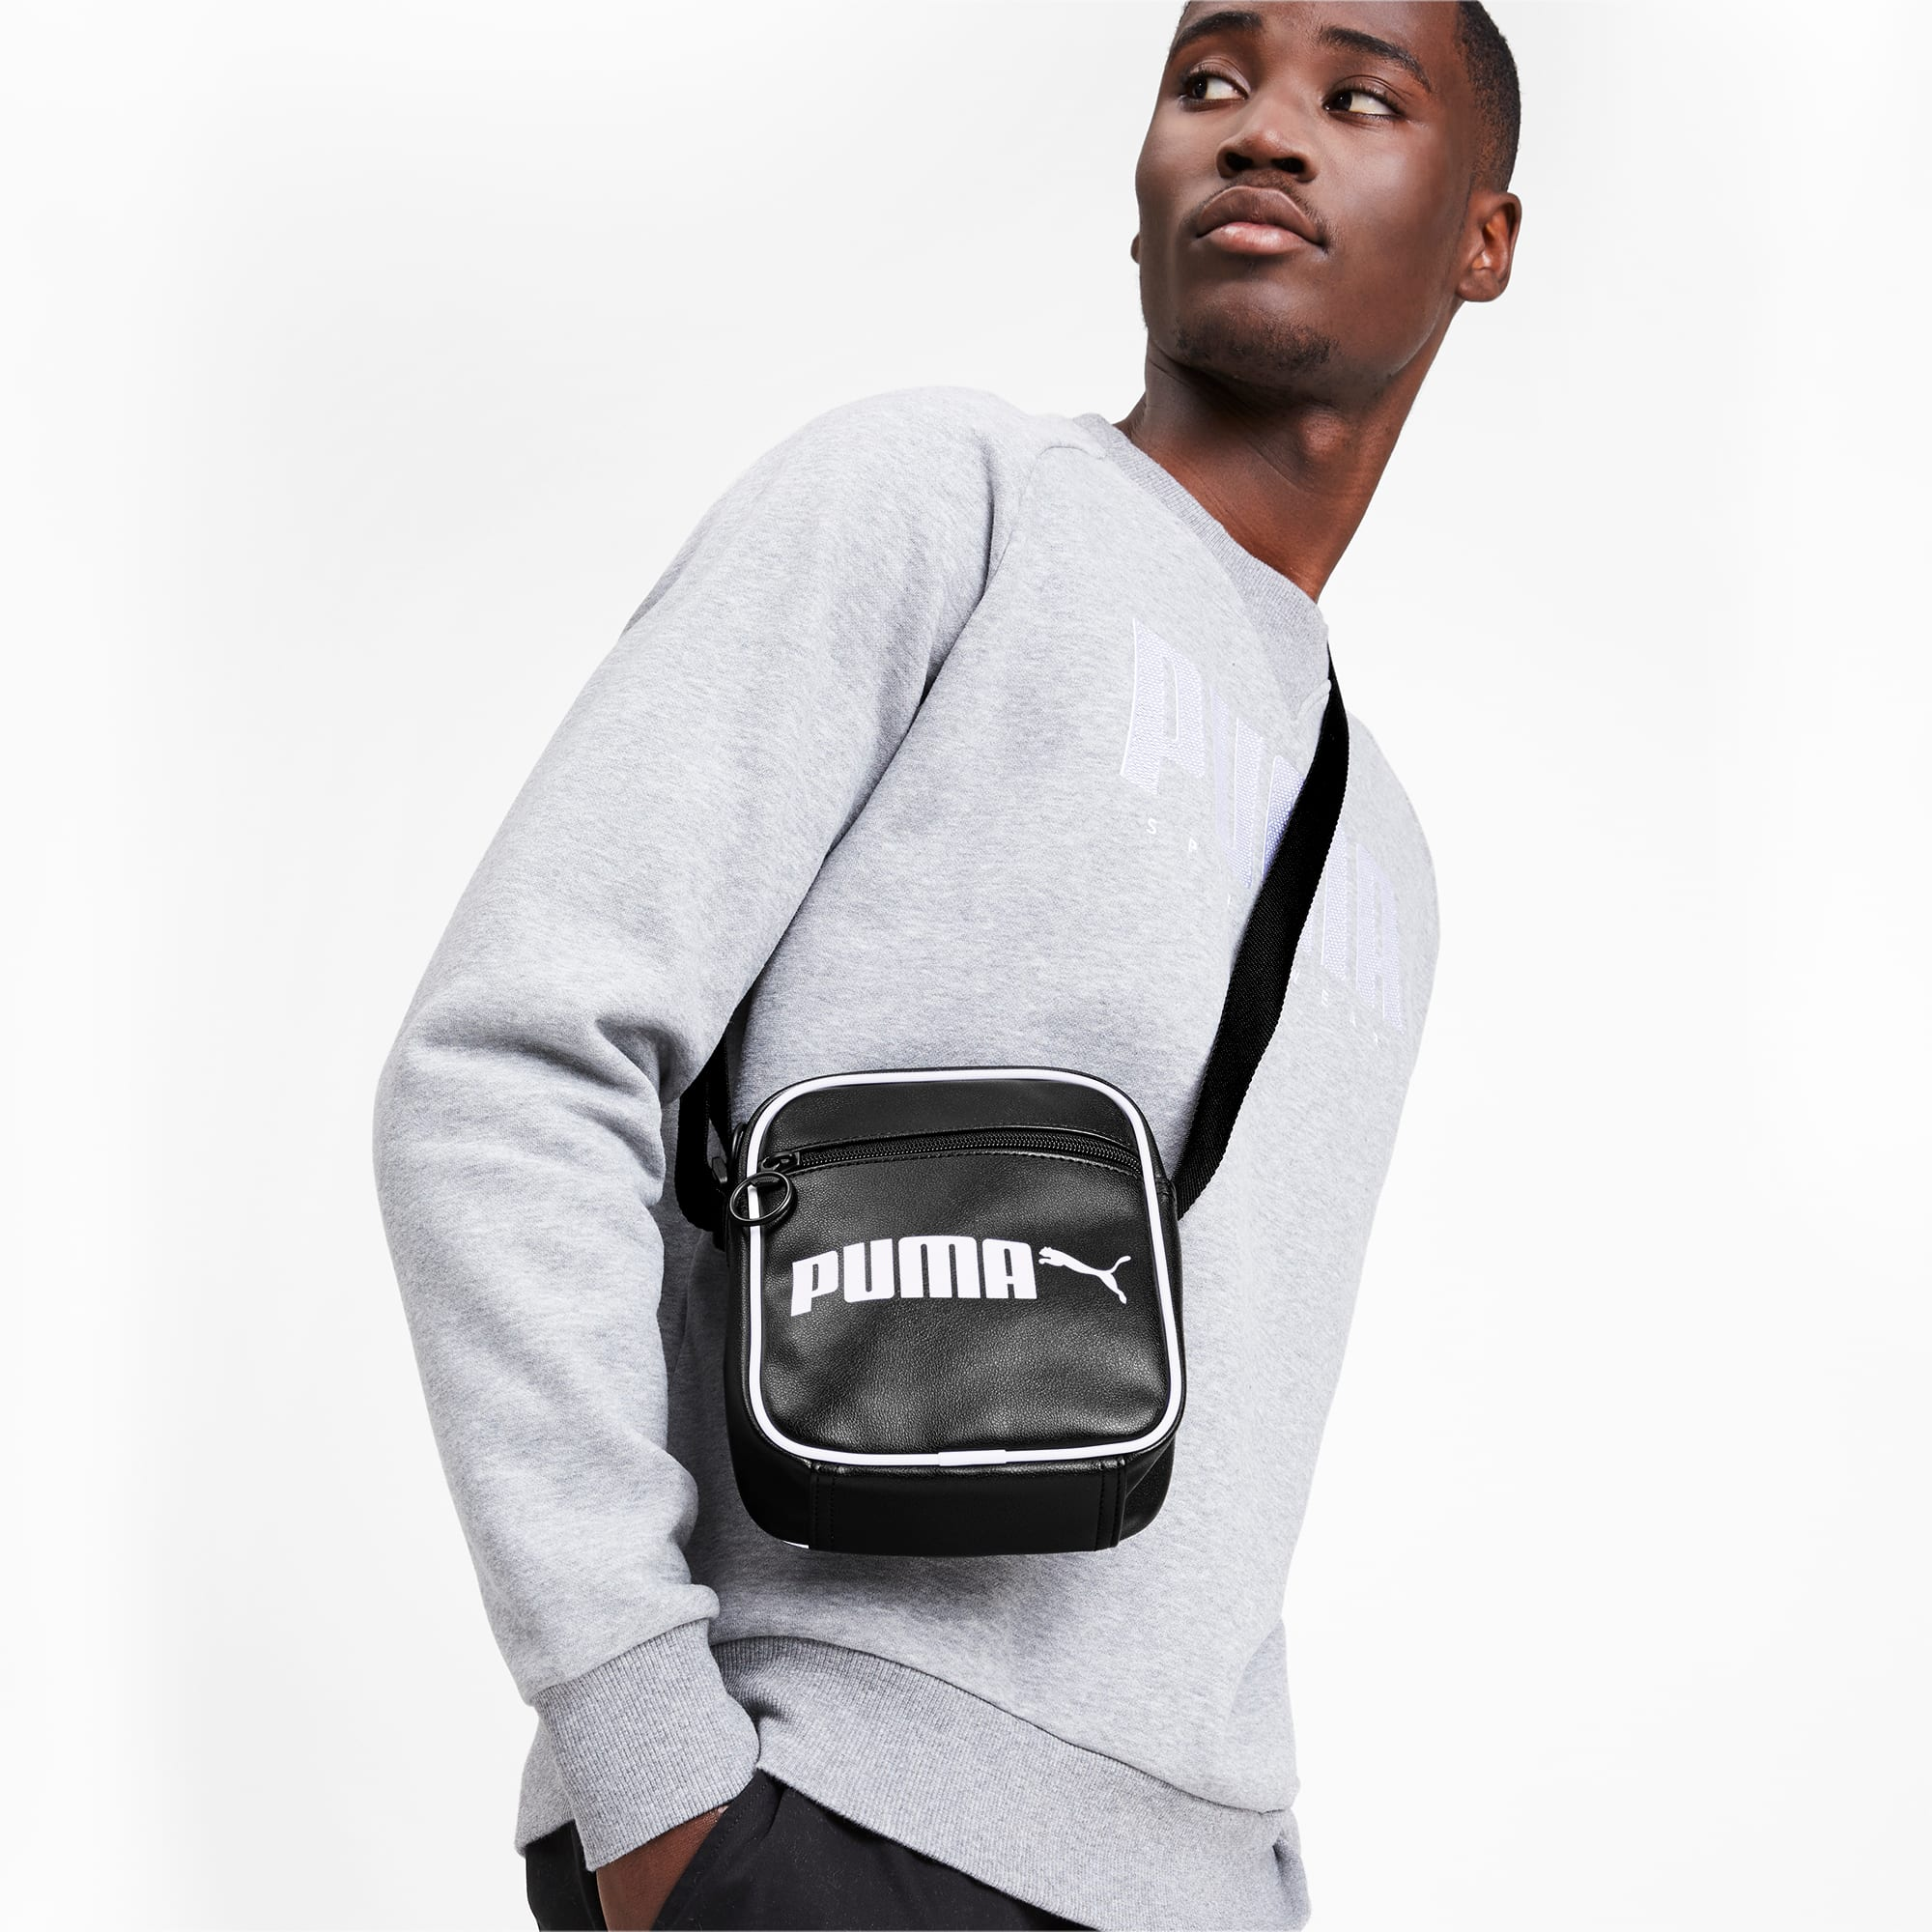 Campus Portable Retro Shoulder Bag